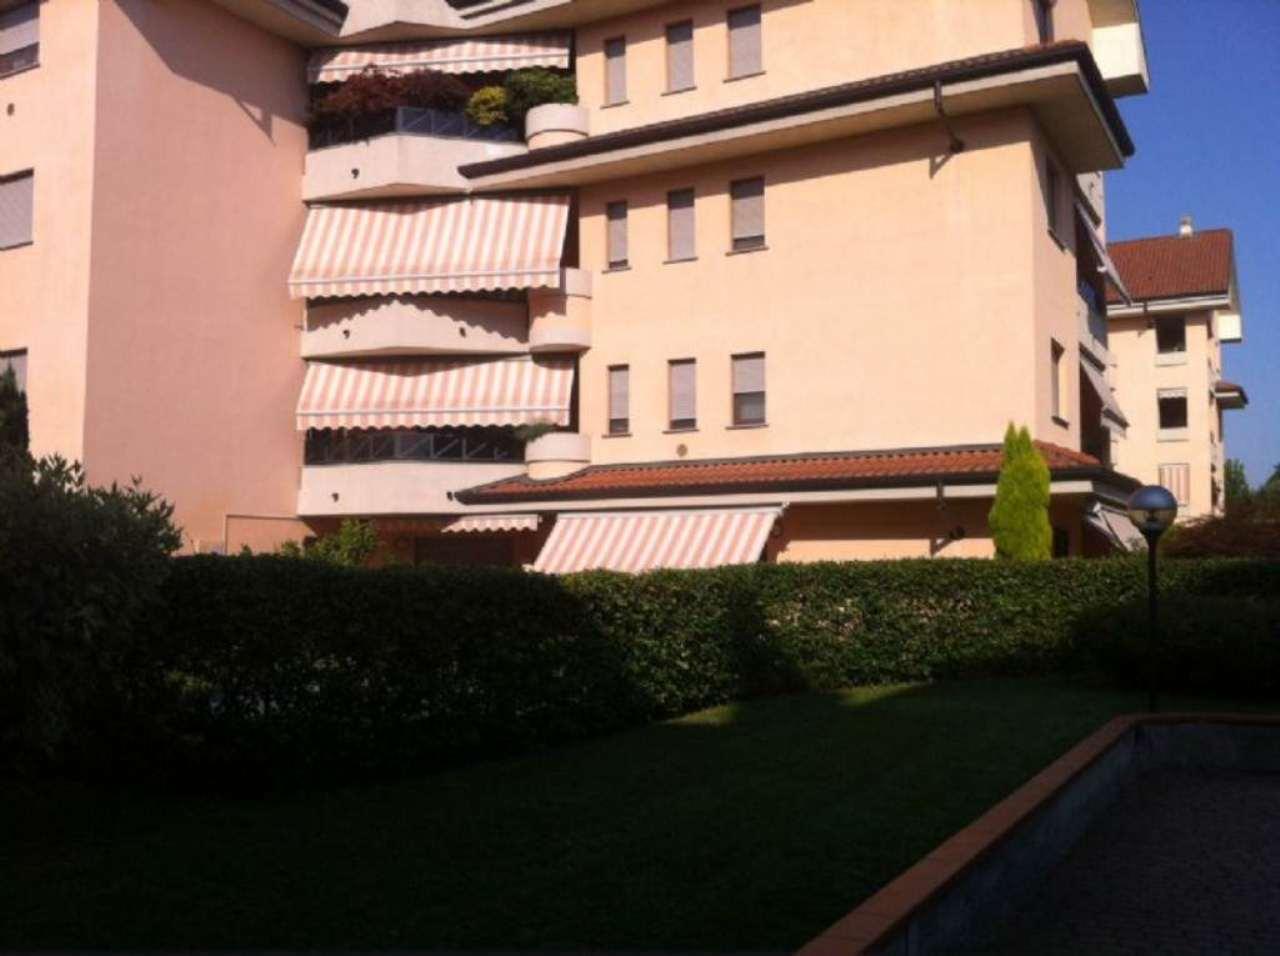 Bilocale Melzo Via Trivulzio 13